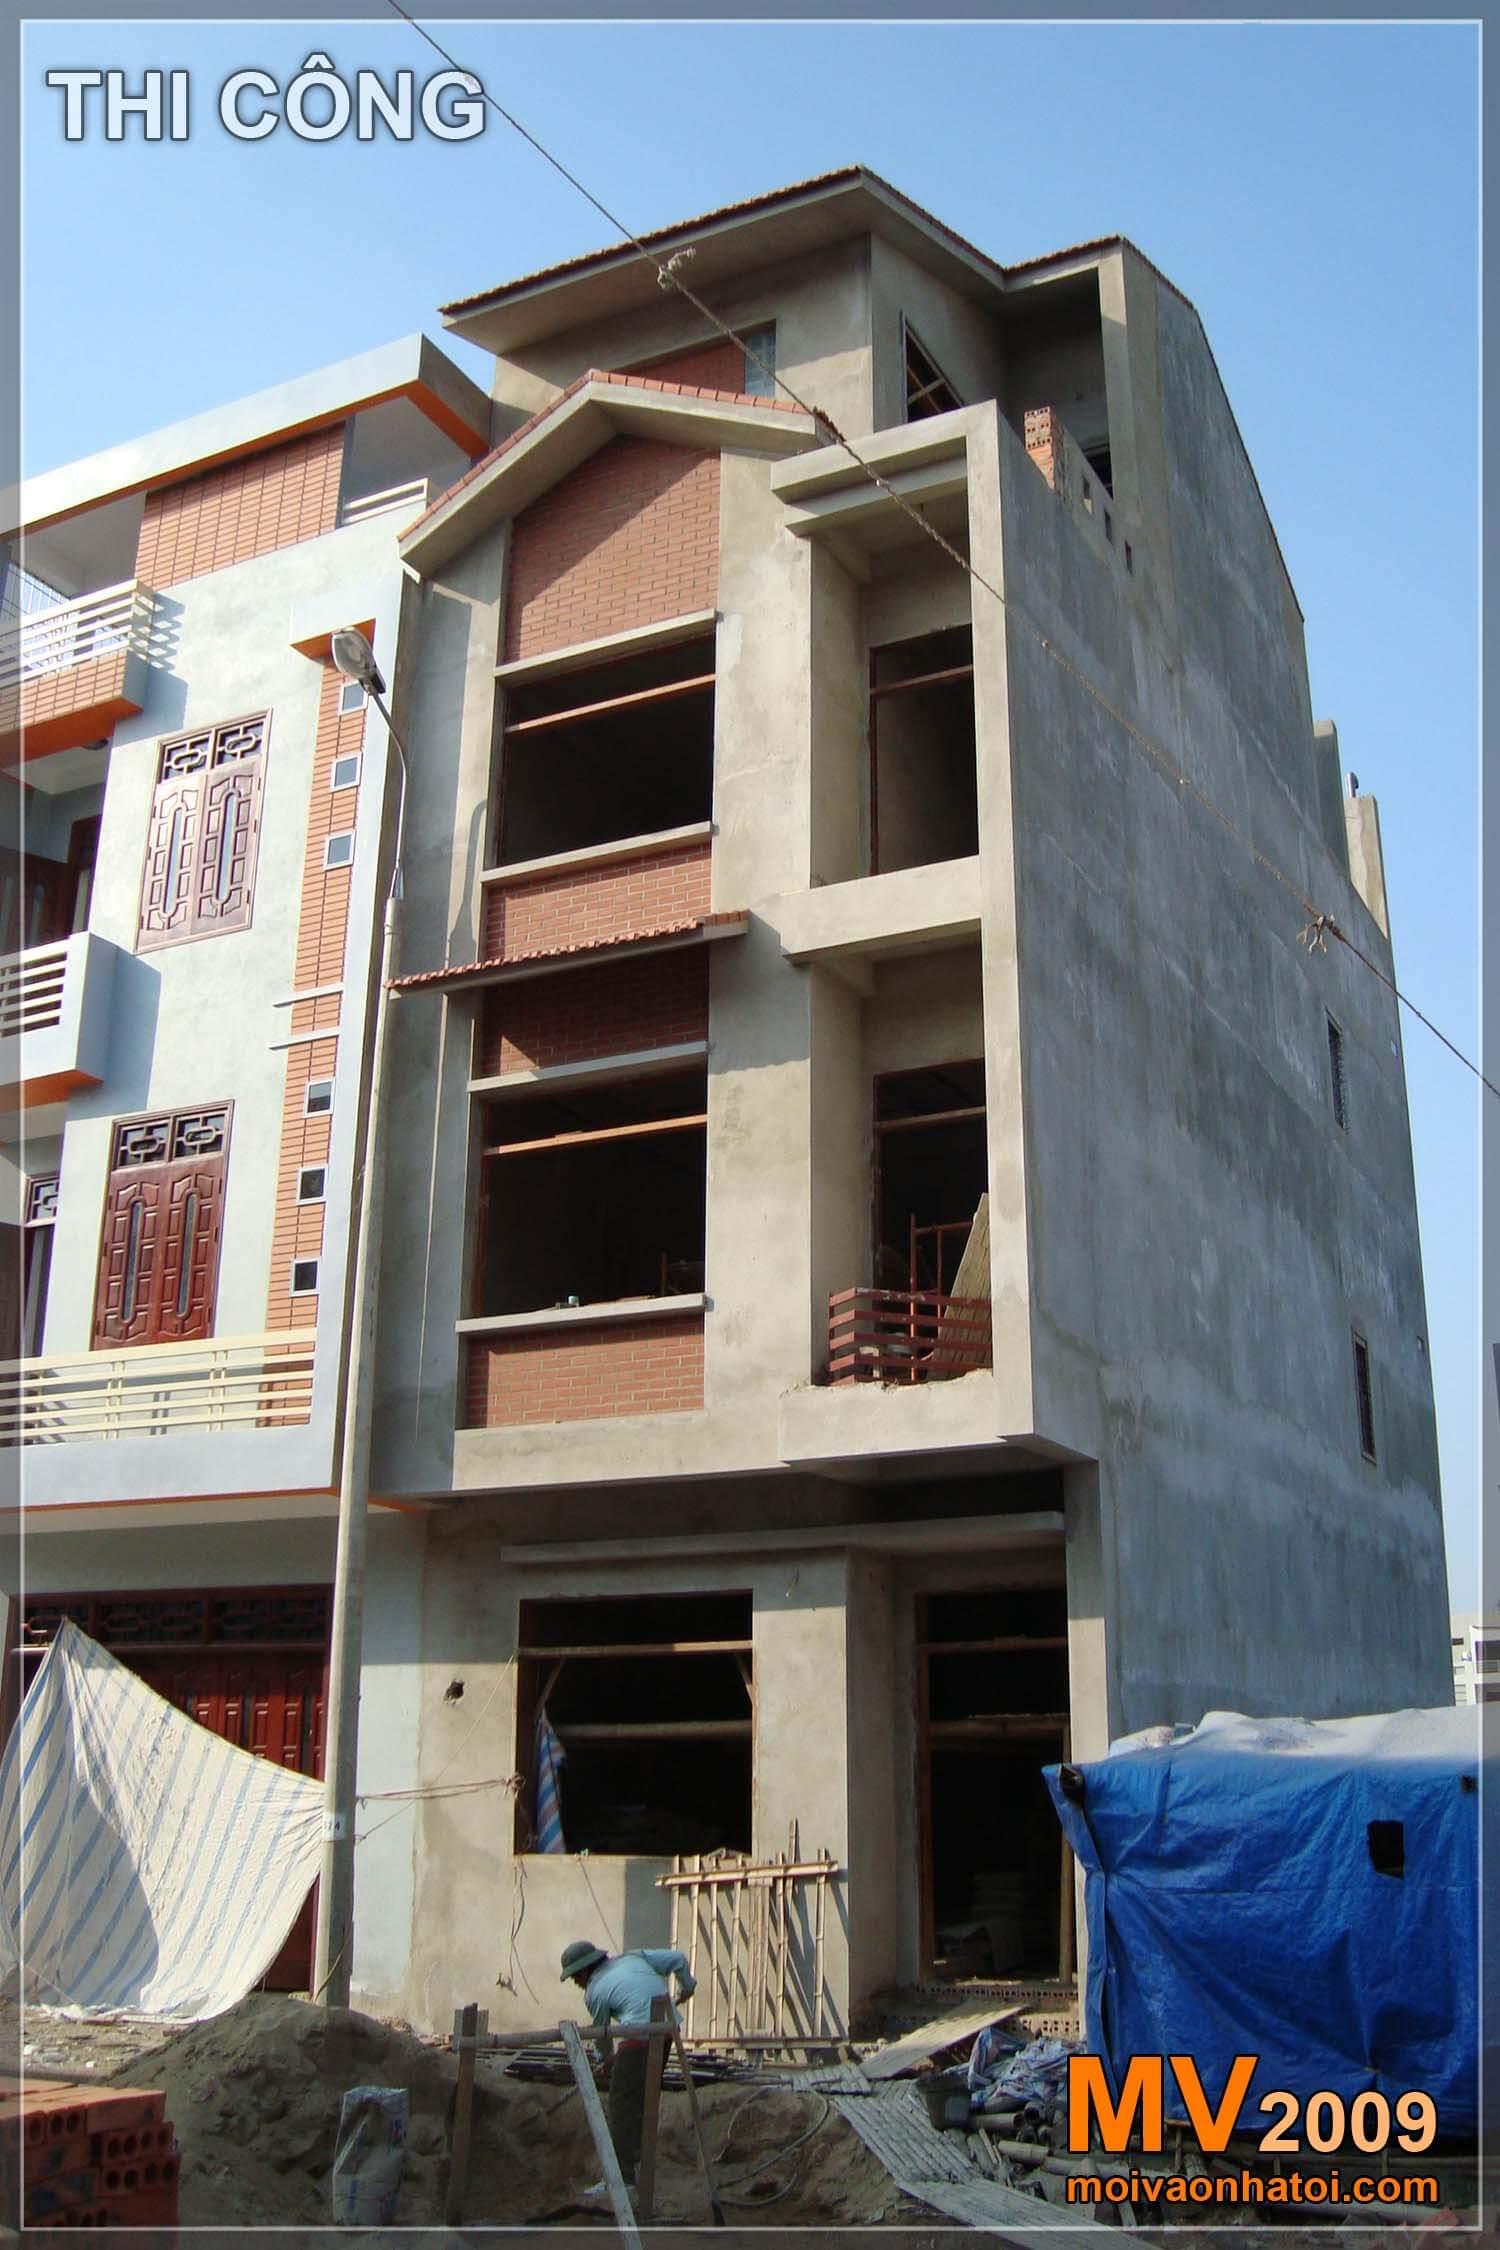 Mặt tiền nhà phố thiết kế với các nan sắt lạ mắt